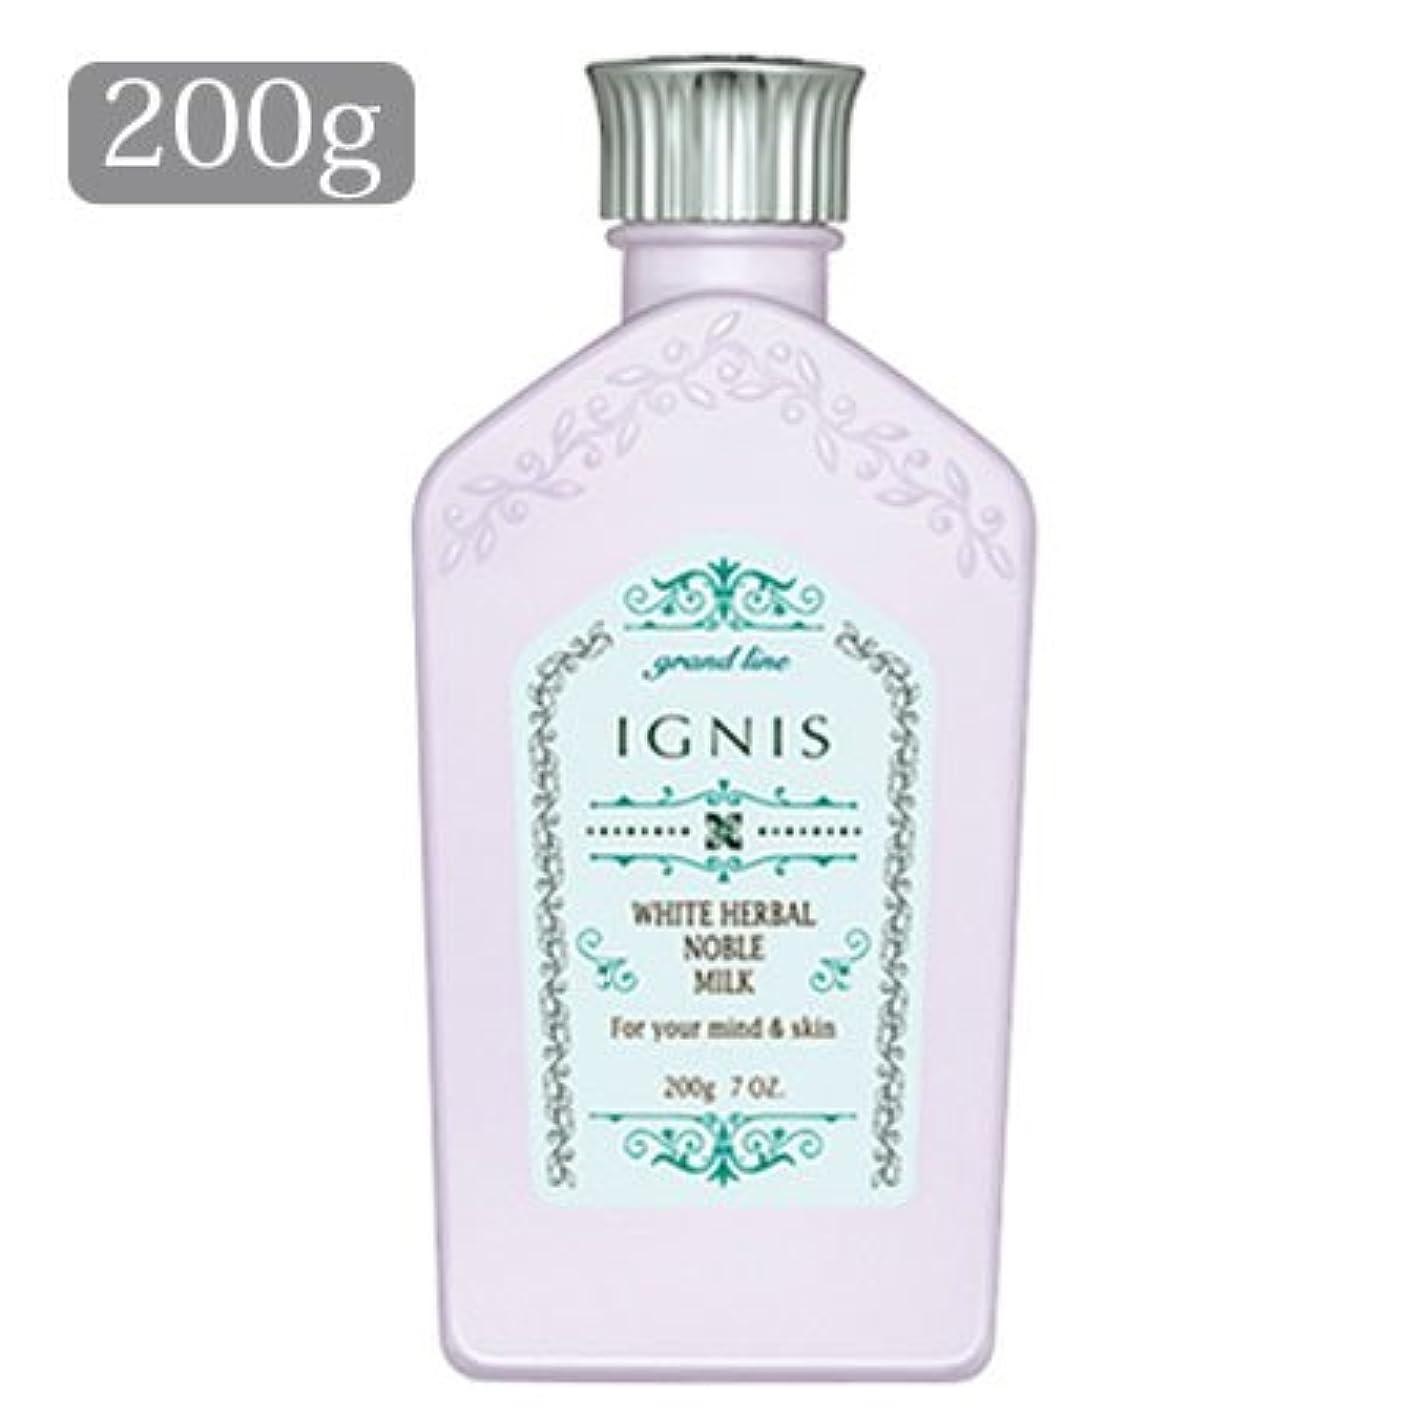 抽出リクルート前提条件イグニス ホワイトハーバル ノーブル ミルク 200g -IGNIS-